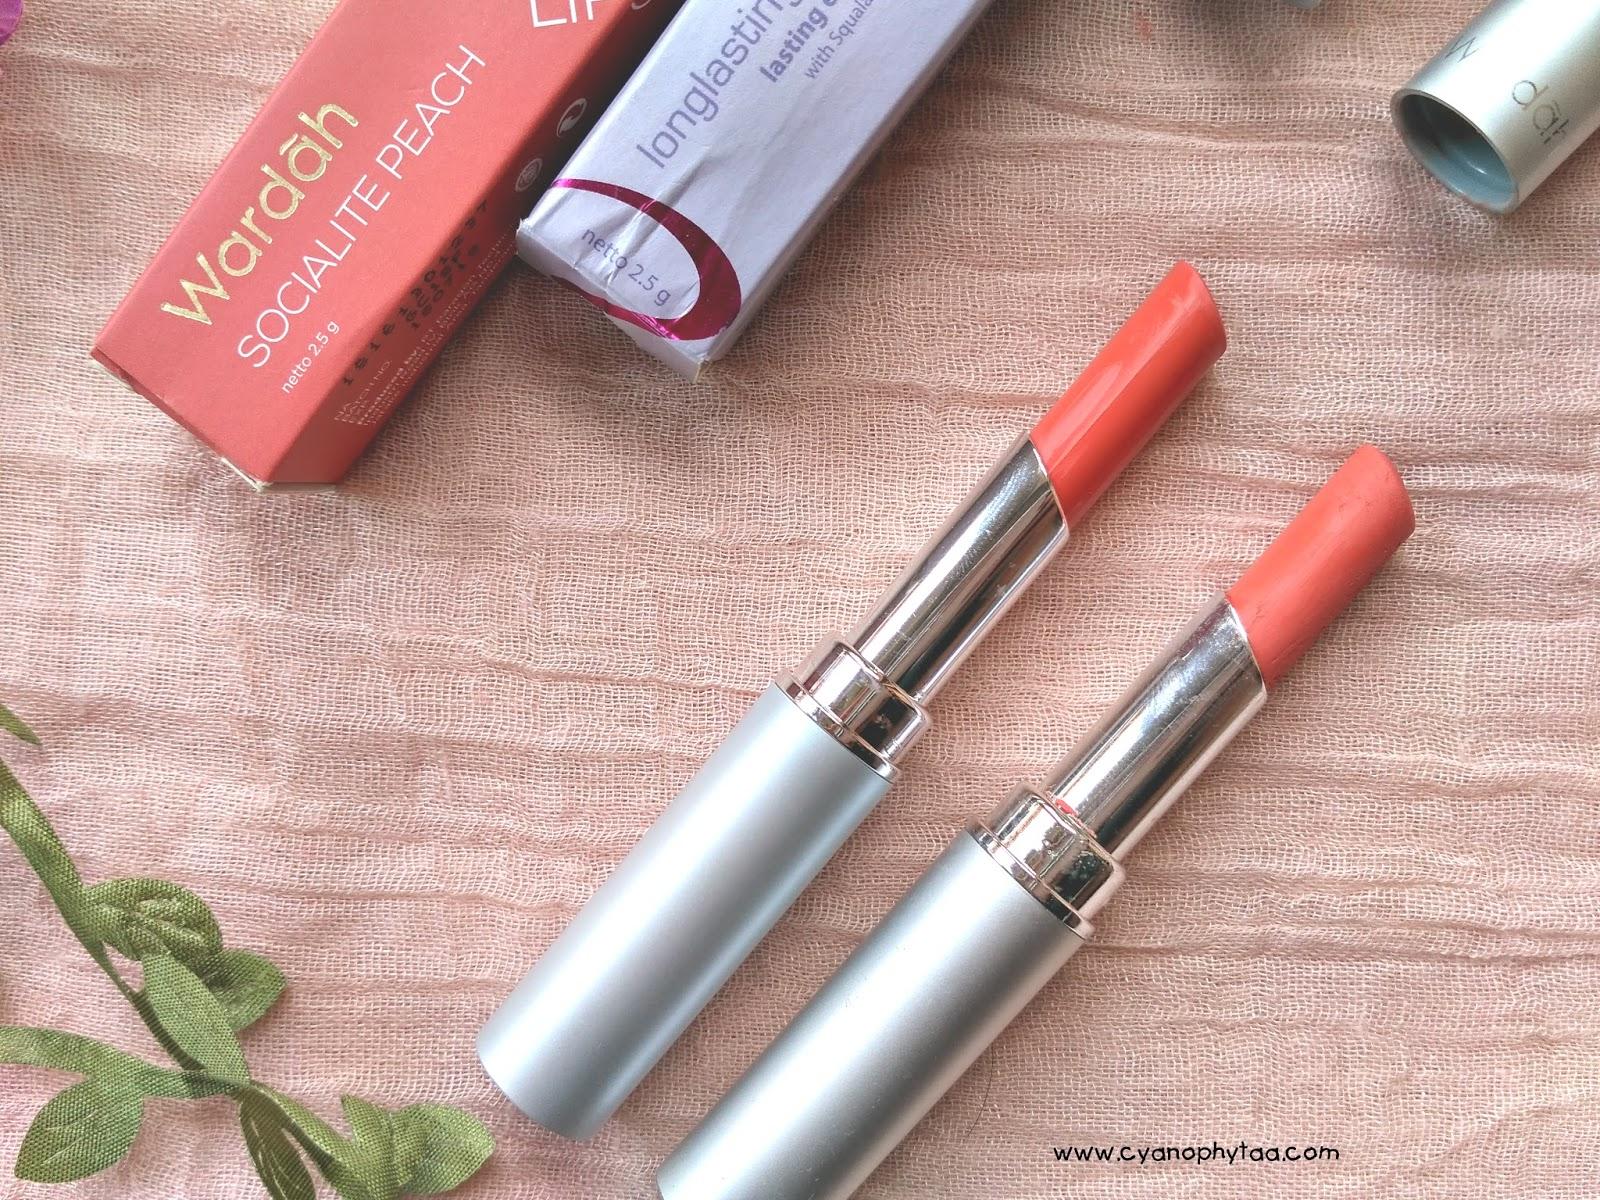 Lipstik Wardah Orange 88300 Usbdata Intense